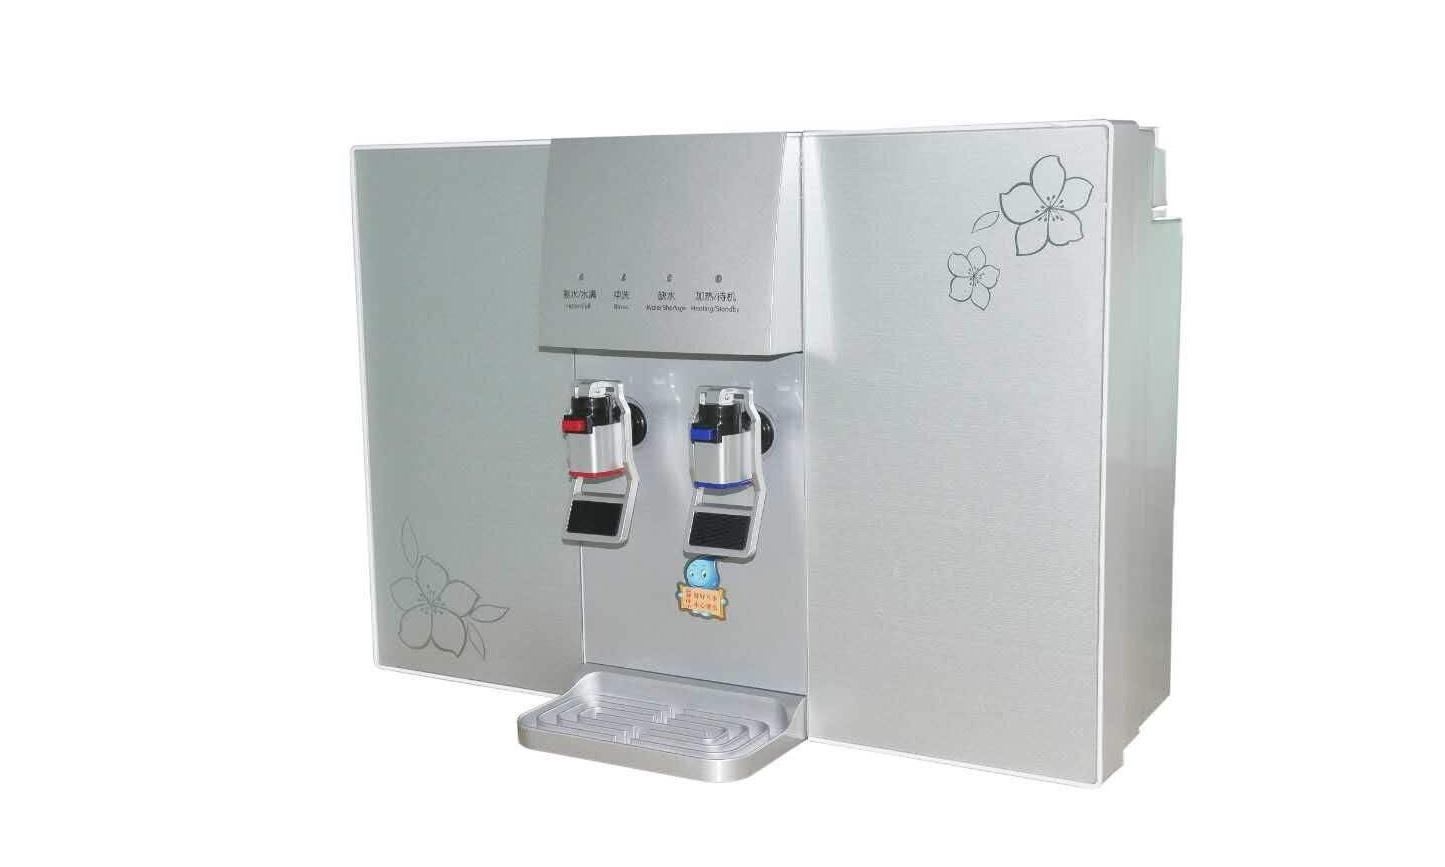 郑州大学超声波清洗仪等仪器设备采购项目招标